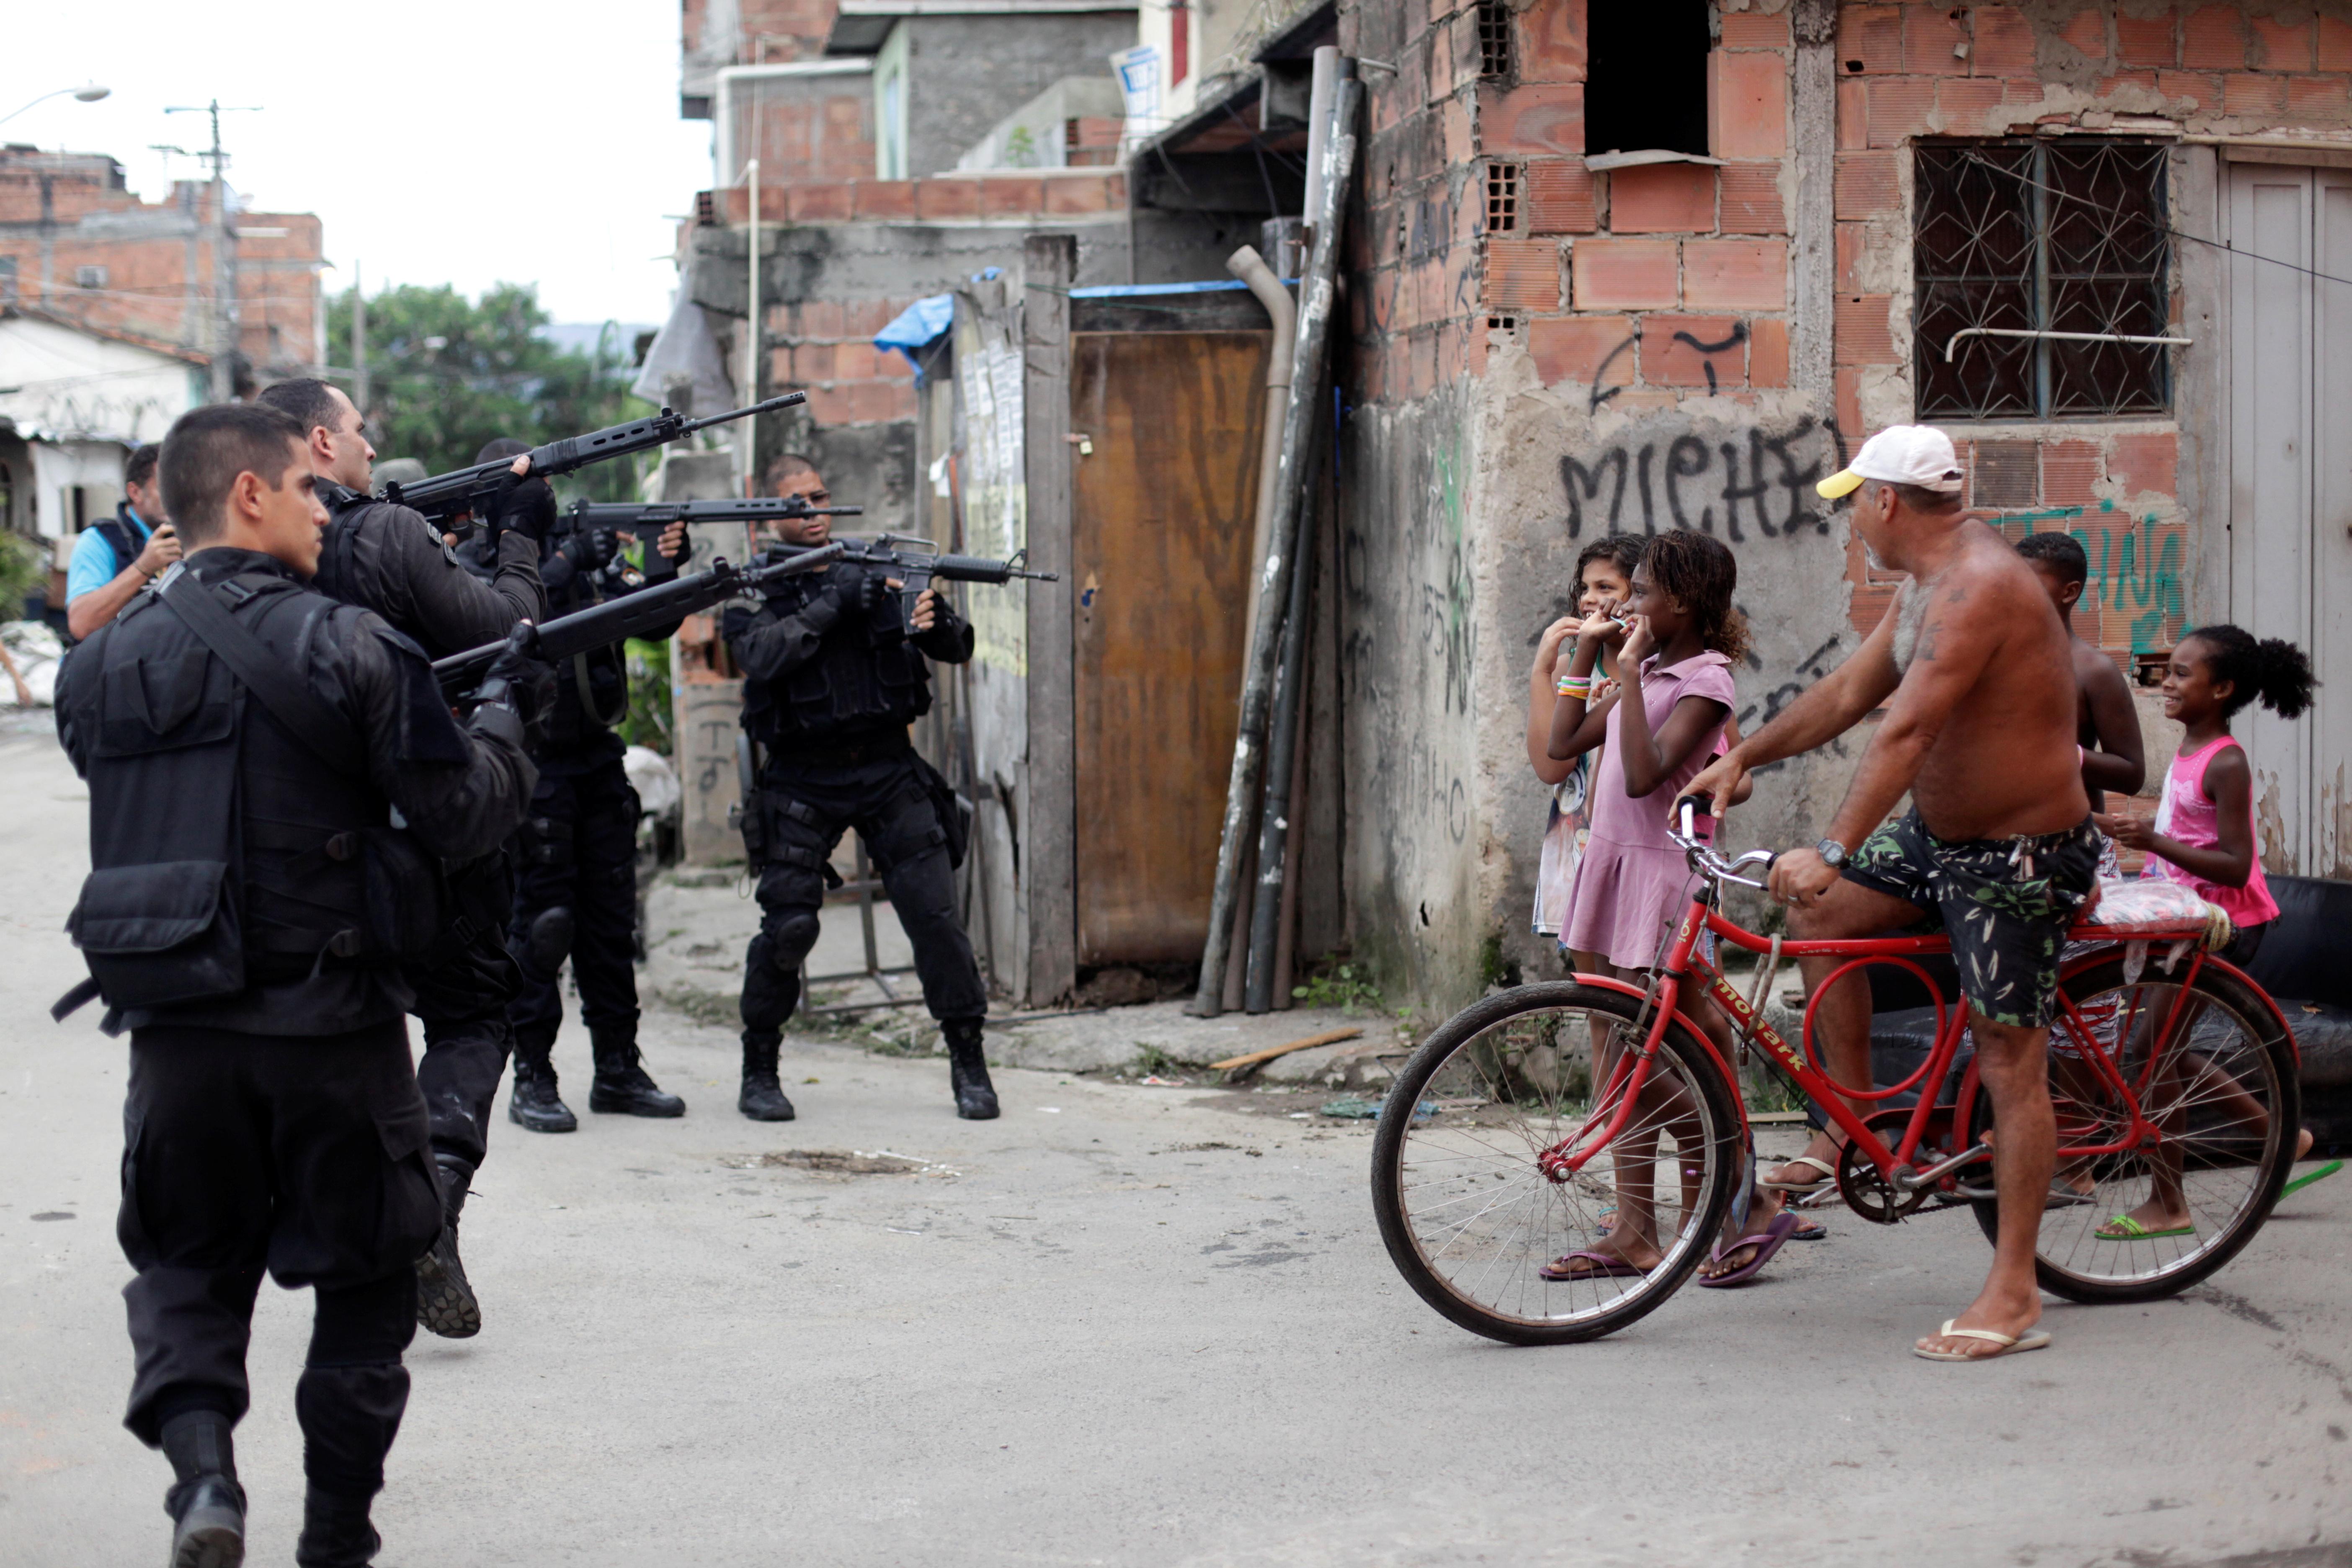 Vecinos se encuentran con un grupo de policías que toma posición durante una operación en el complejo de favelas de Mare en Río de Janeiro, Brasil, el 26 de marzo de 2014 (REUTERS/Ricardo Moraes/File Photo)